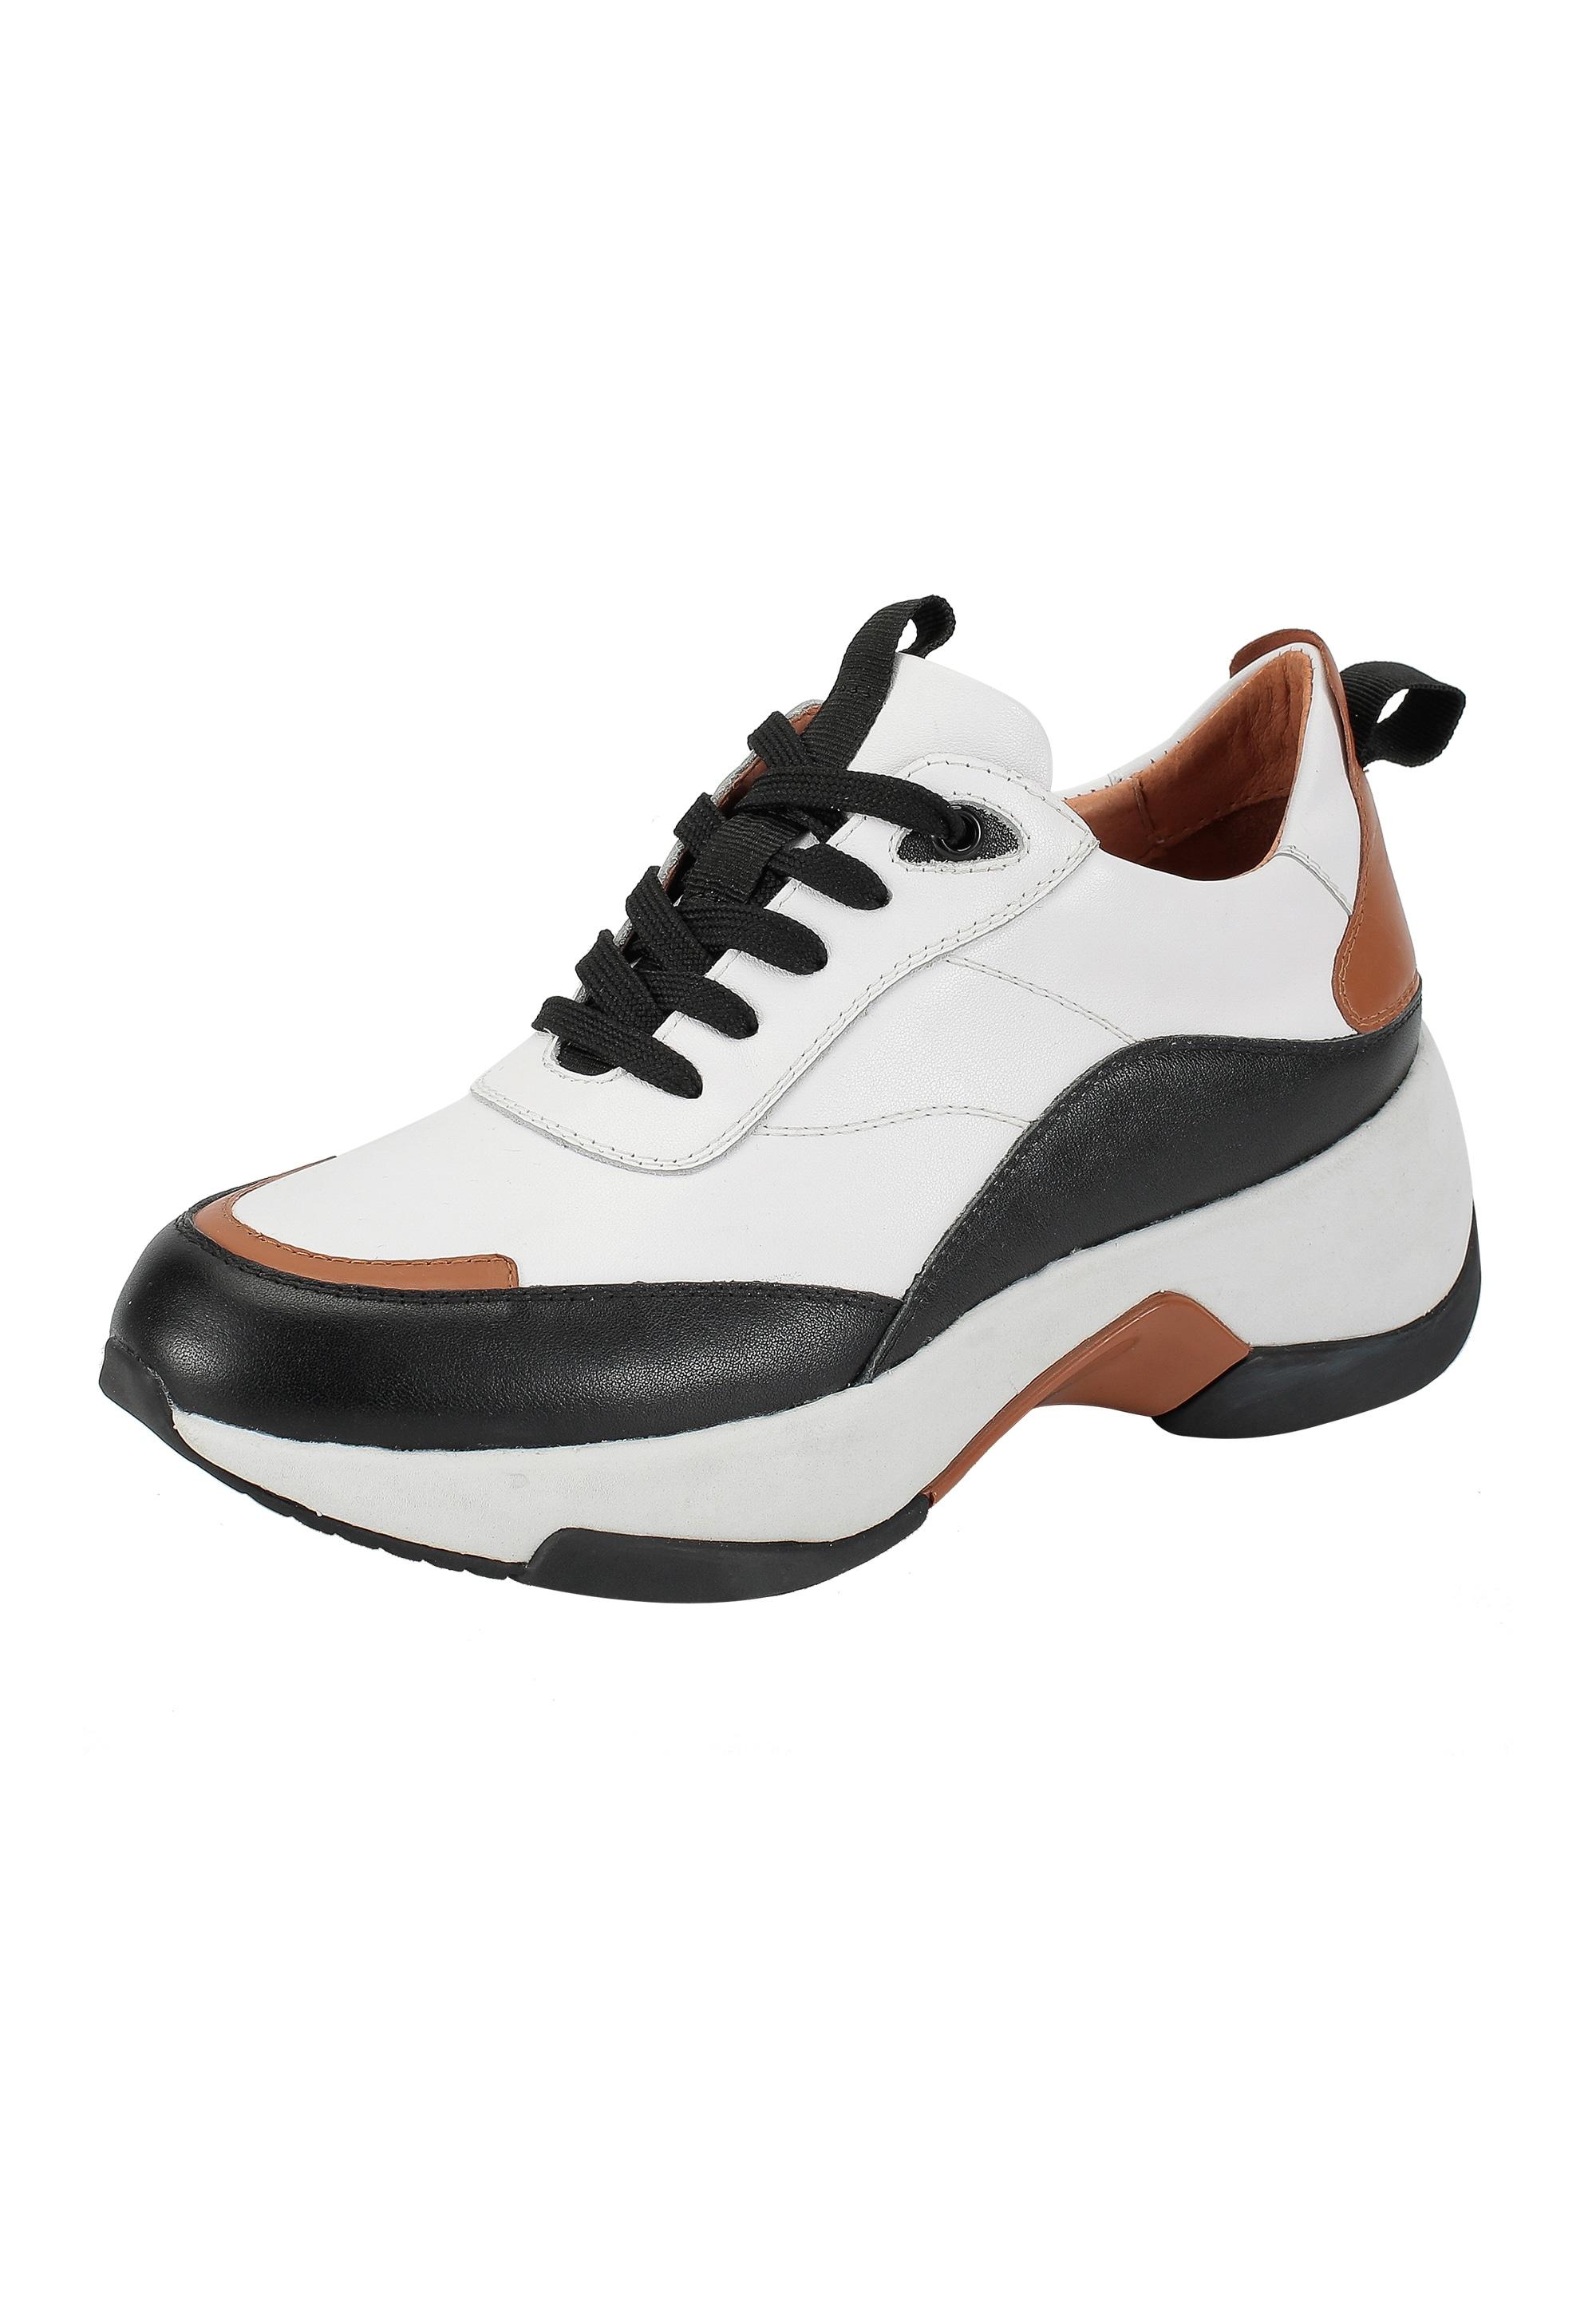 ekonika -  Sneaker, hergestellt aus echtem Leder